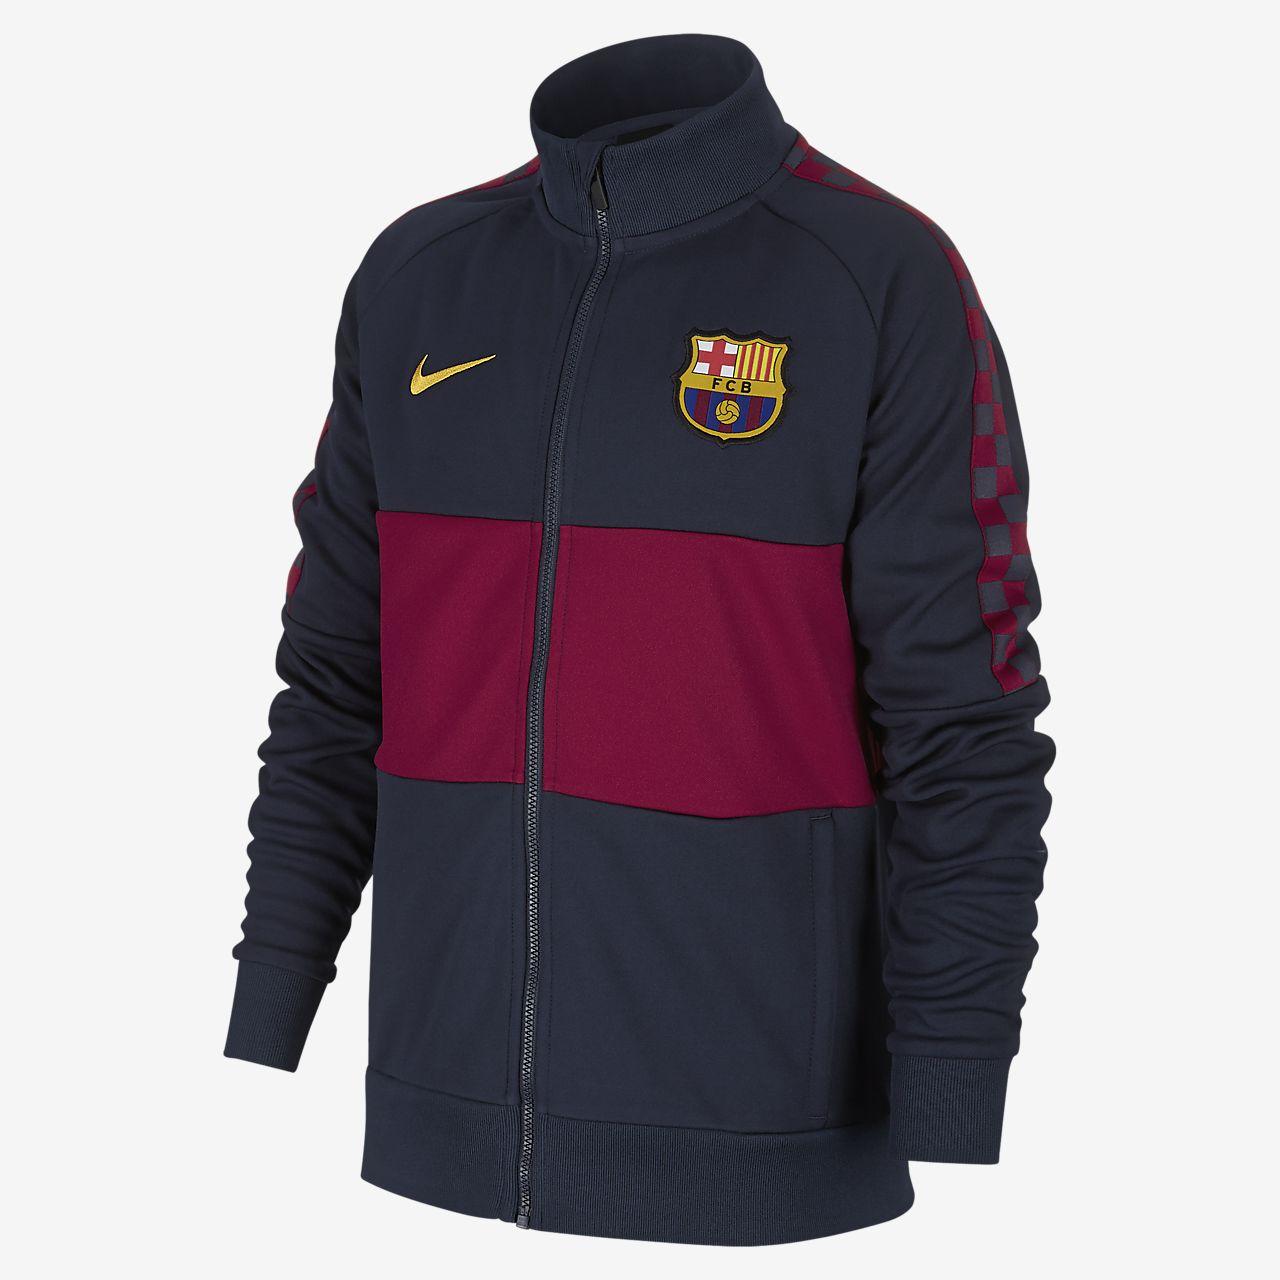 FC Barcelona Older Kids' Football Jacket